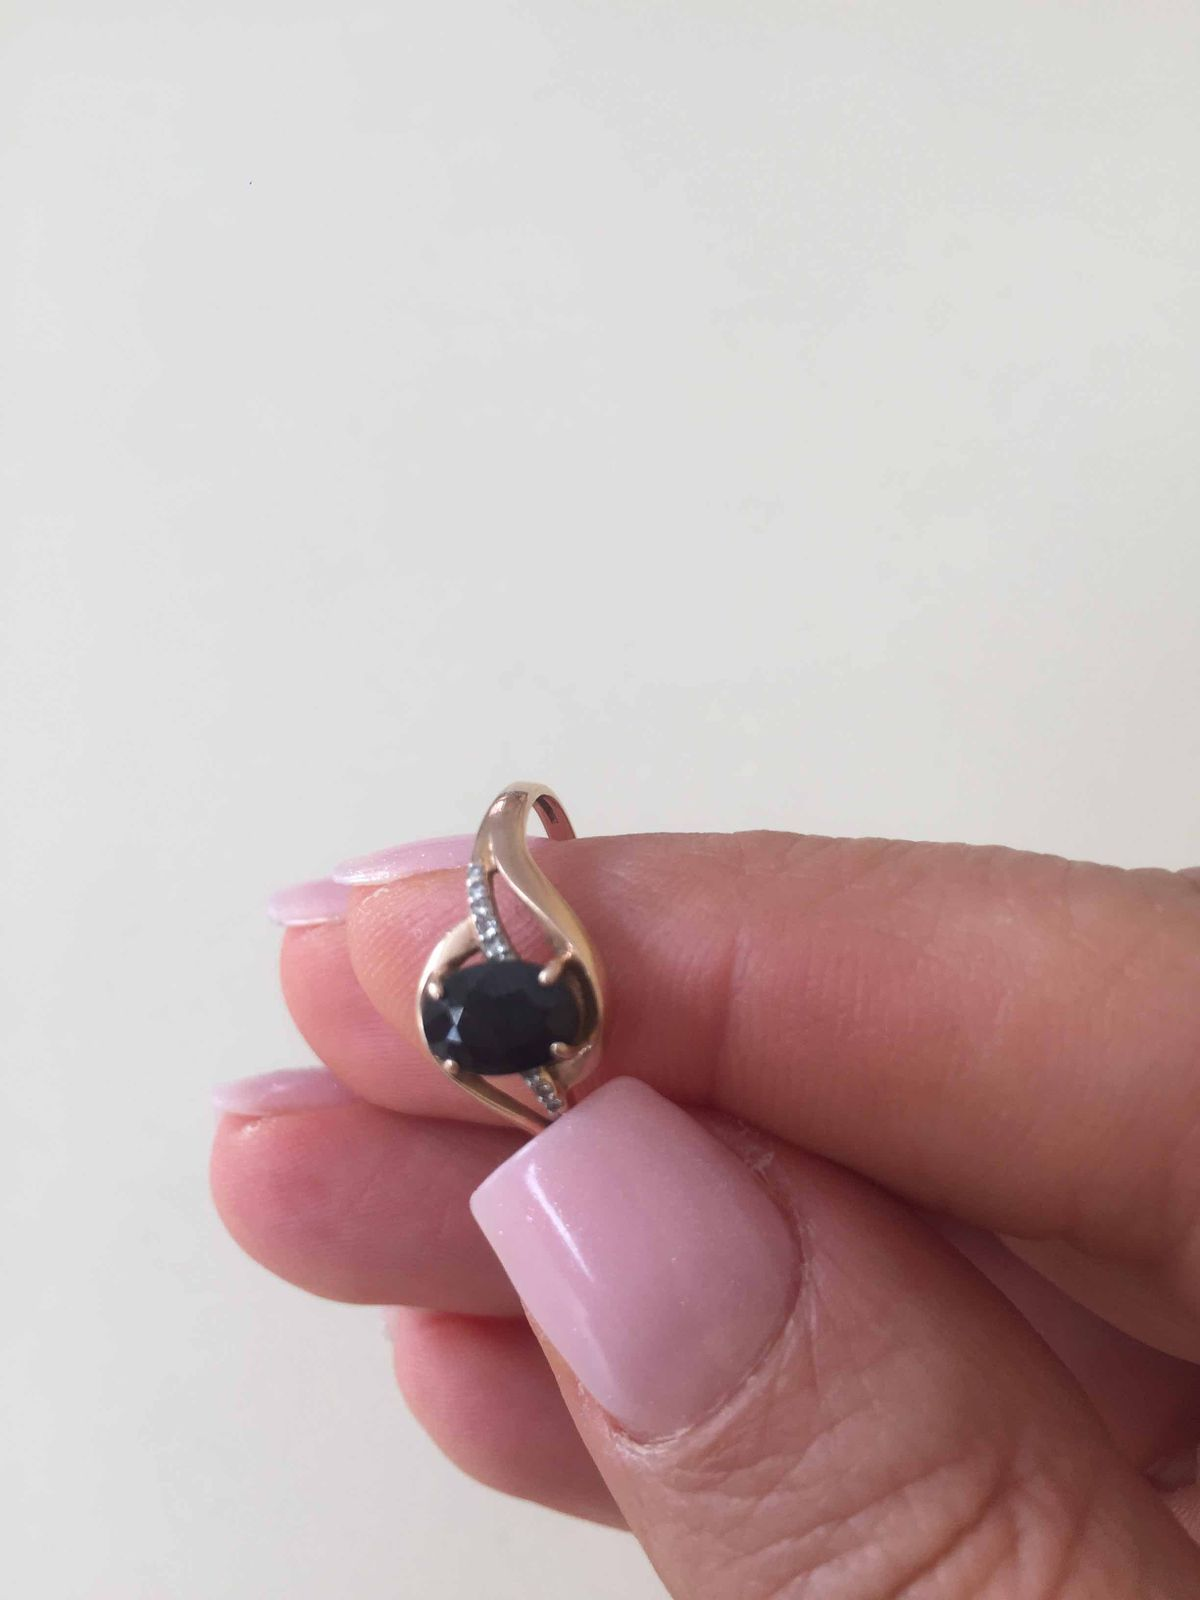 Кольцо с сапфиром отличной характеристики качества